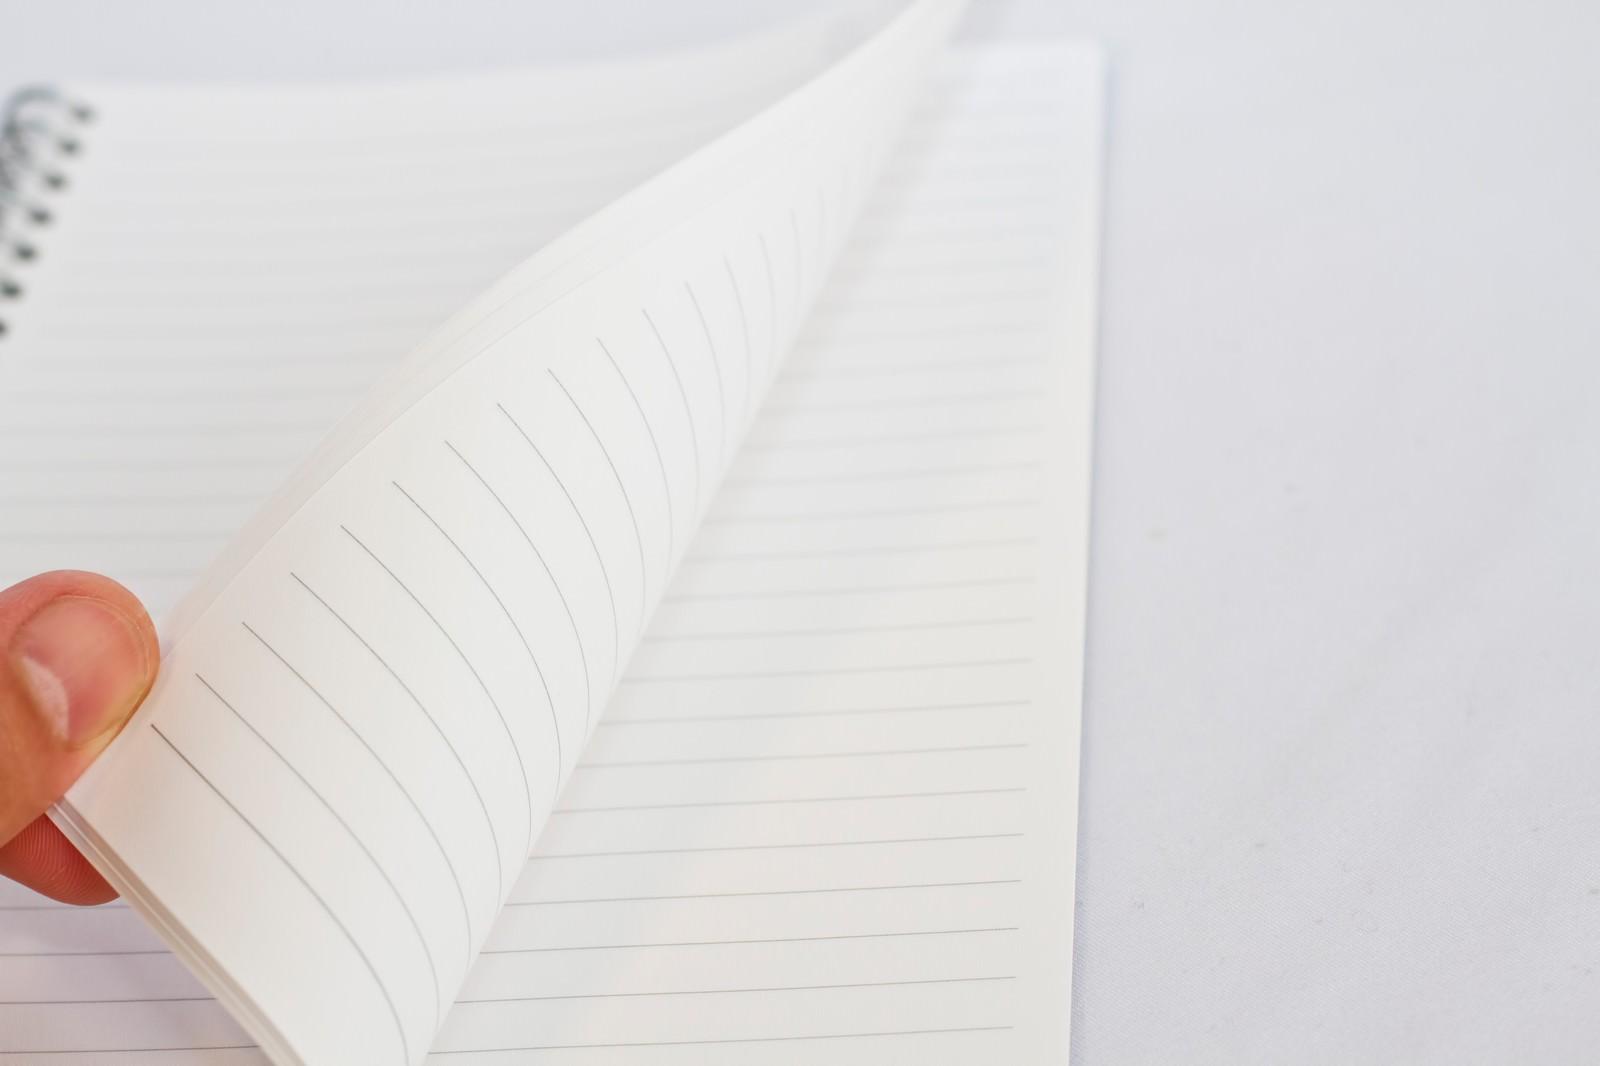 「めくられるノート」の写真